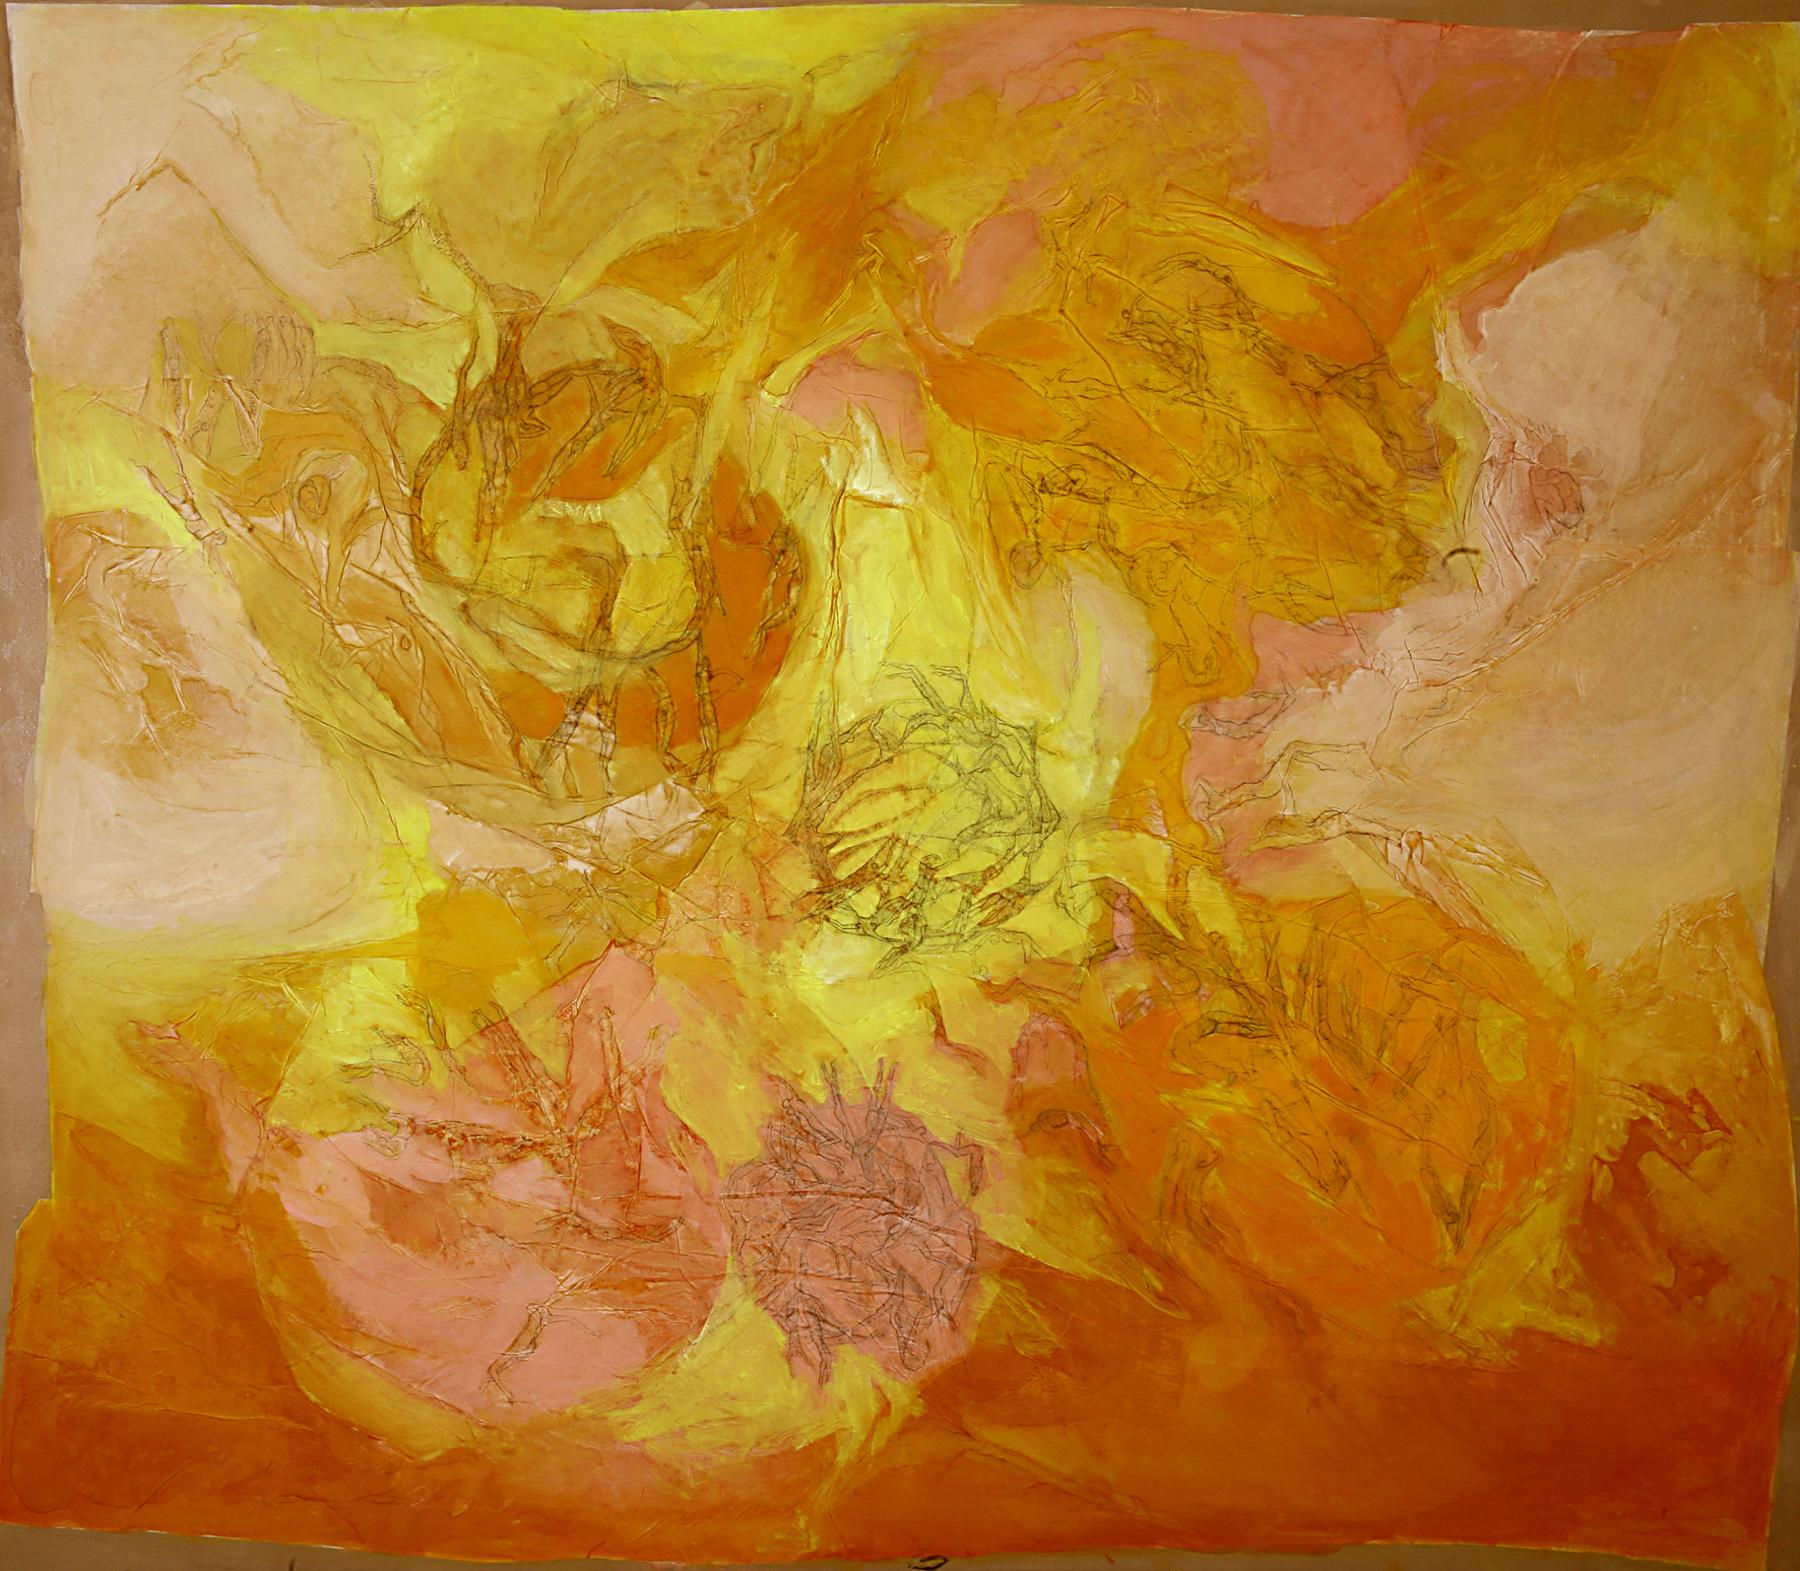 En el límite de lo expresable - Técnica mixta sobre tela - 100 x 116 cm